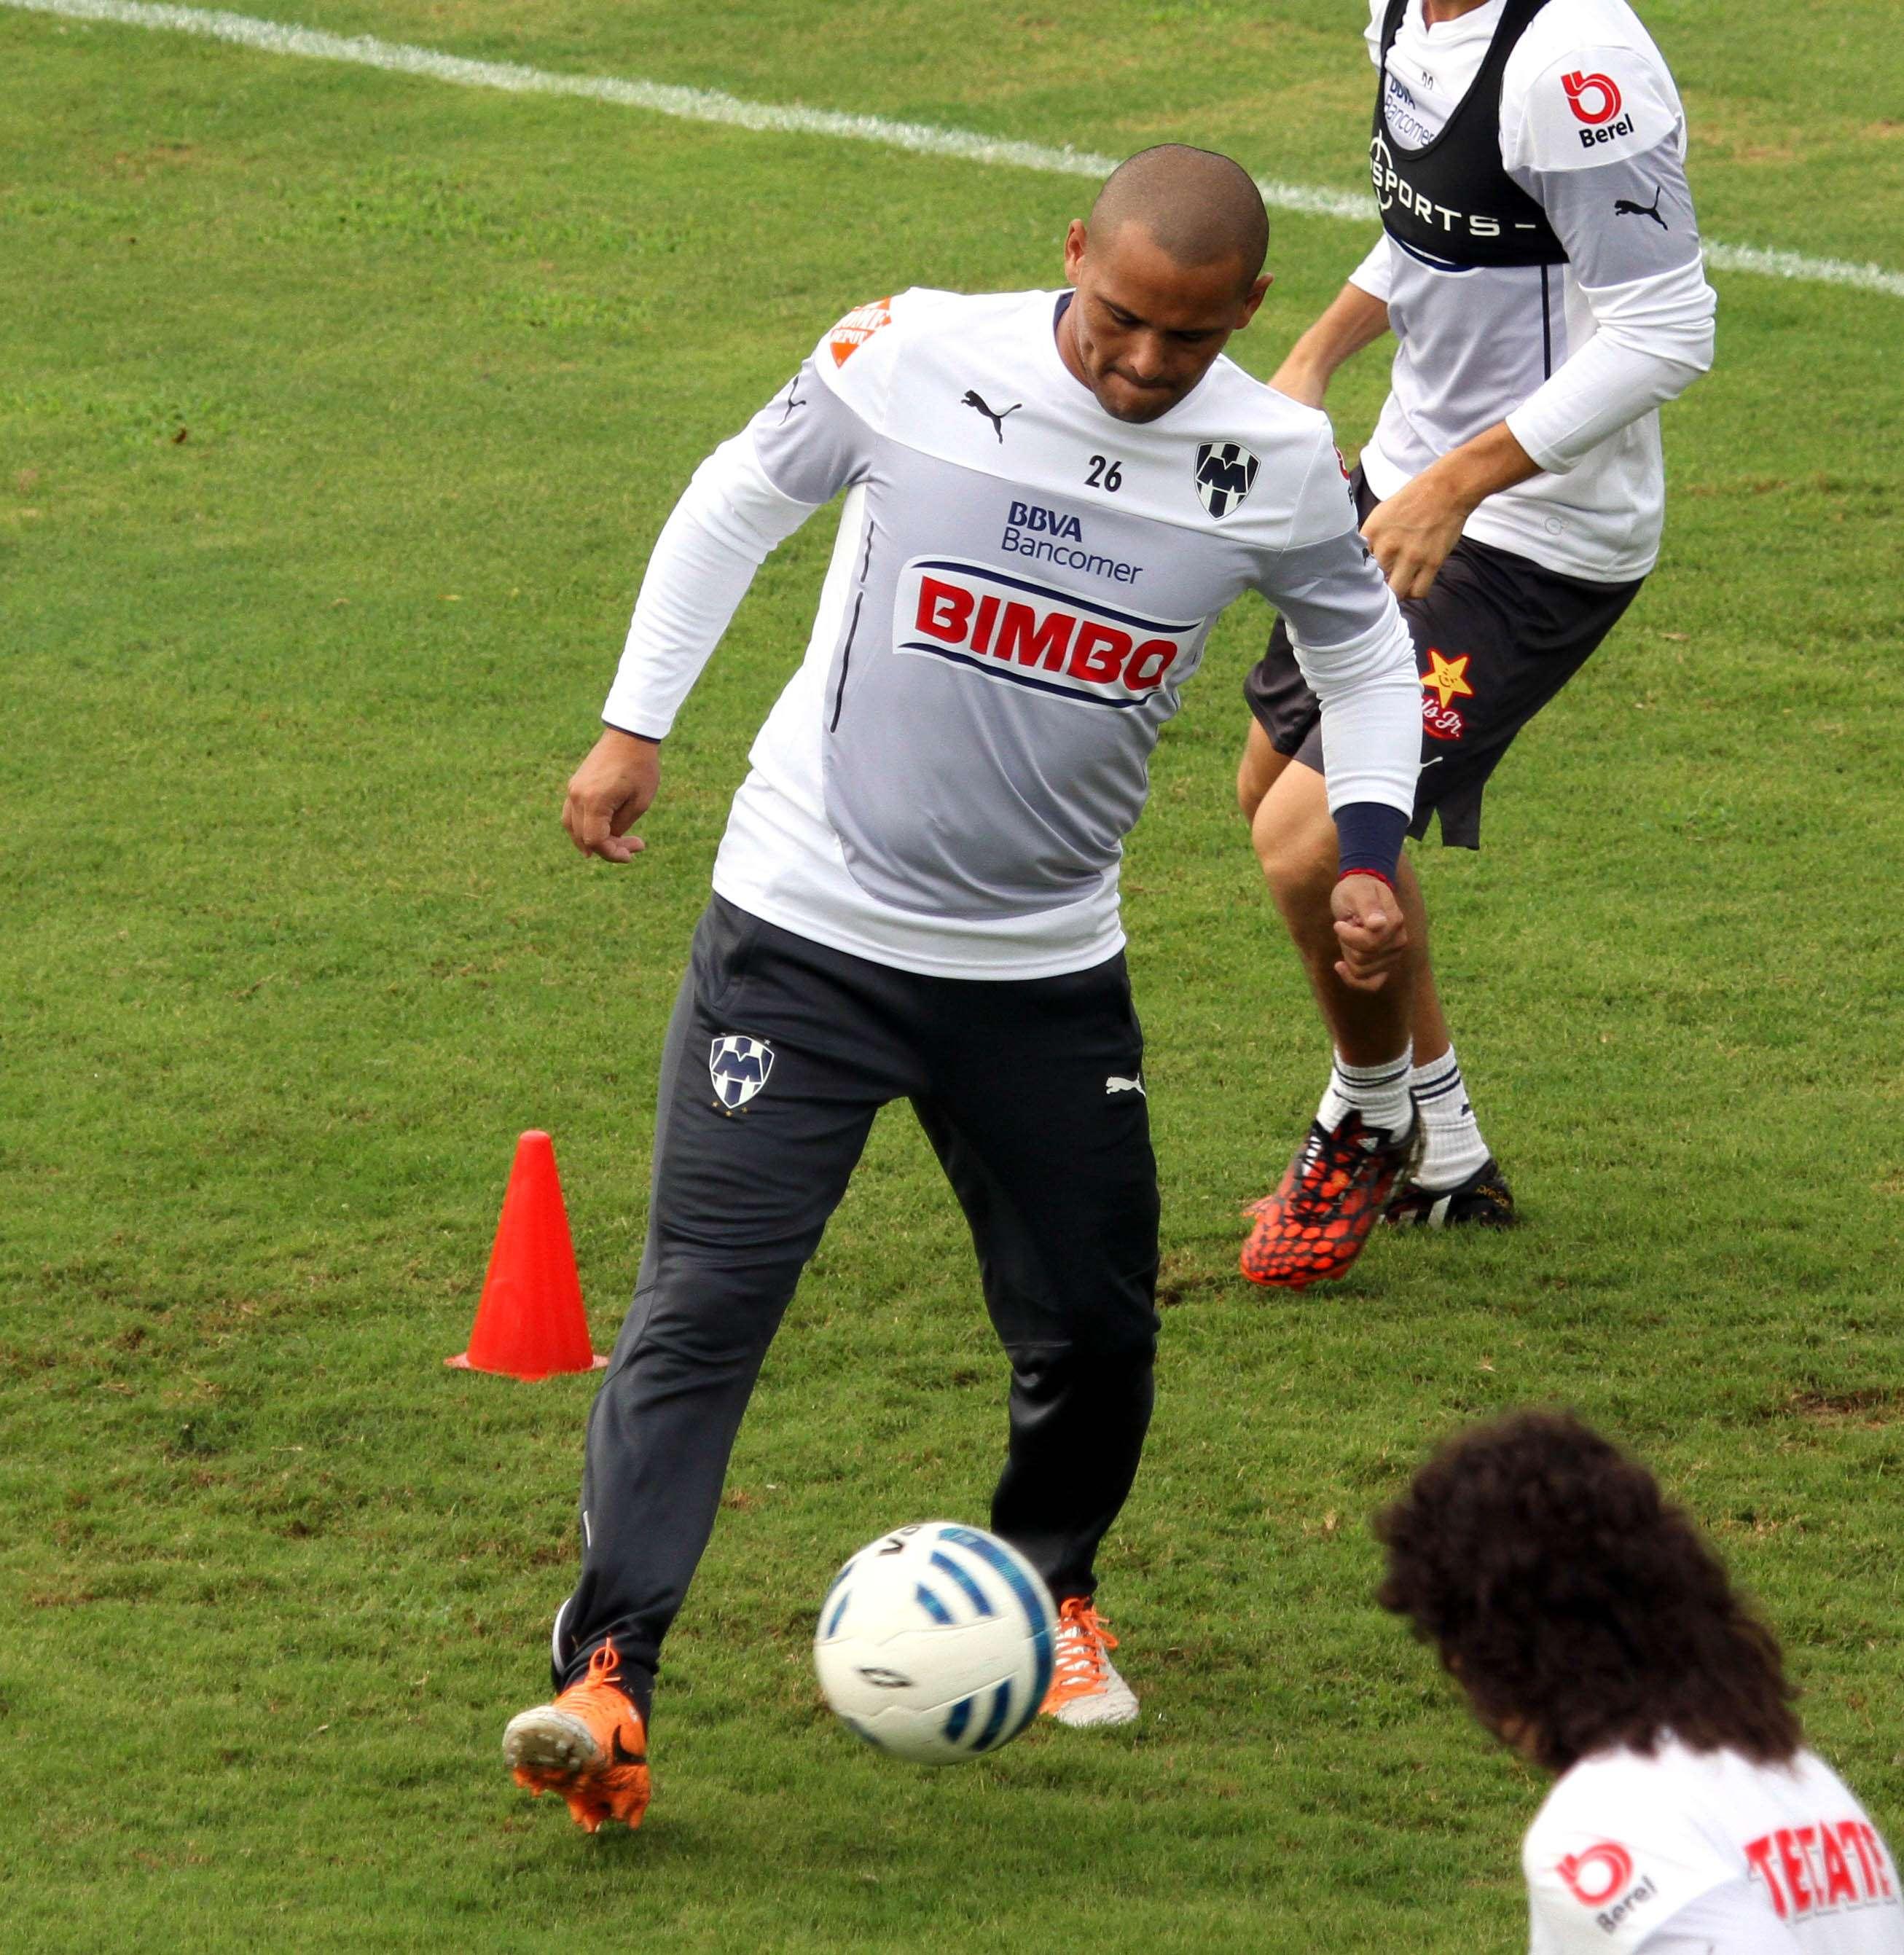 Humberto Suazo, delantero del equipo de los Rayados de Monterrey. Foto: David Tamez/Rayados